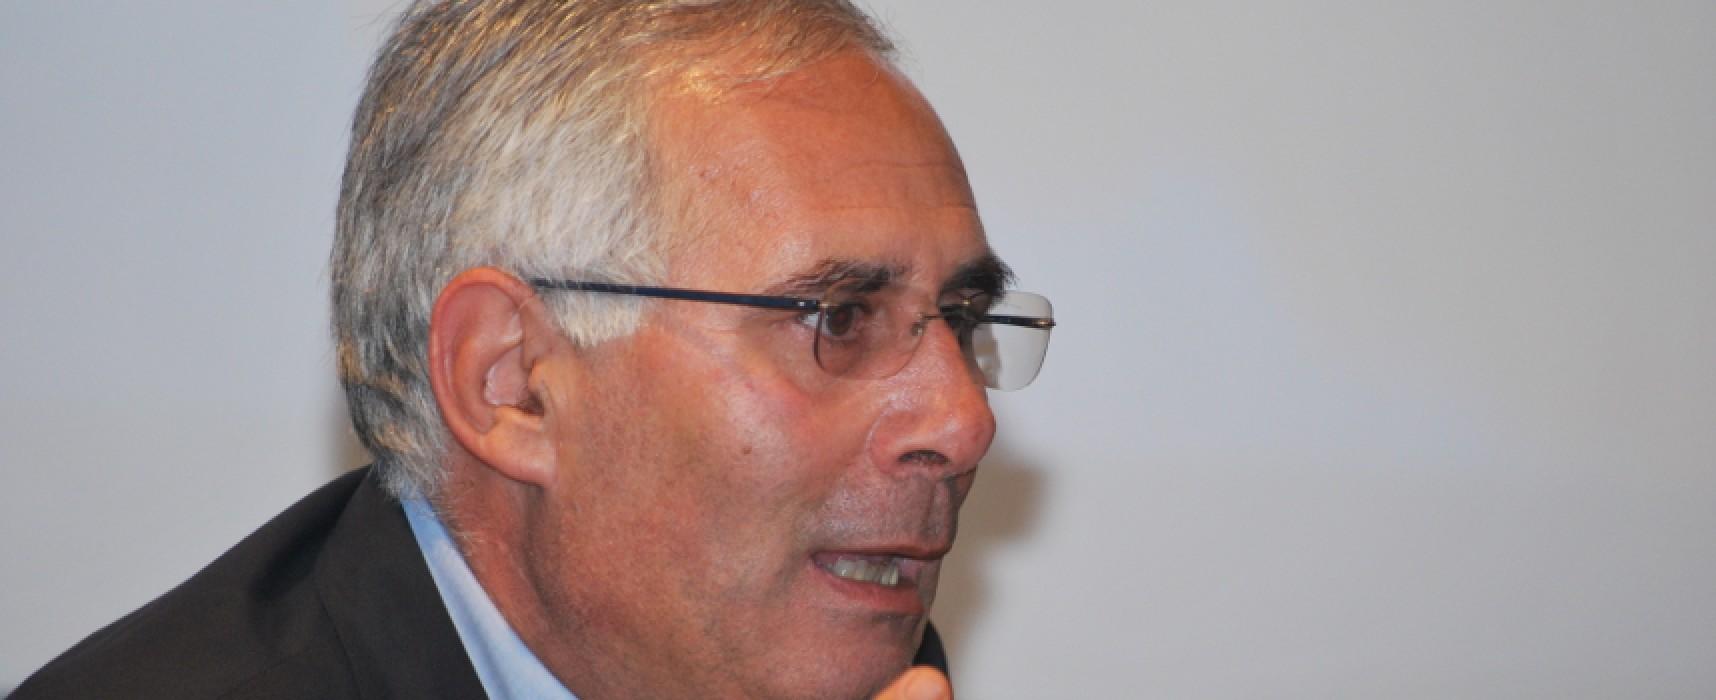 Legge Elettorale, domani l'onorevole Gero Grassi a Bisceglie per convegno Pd